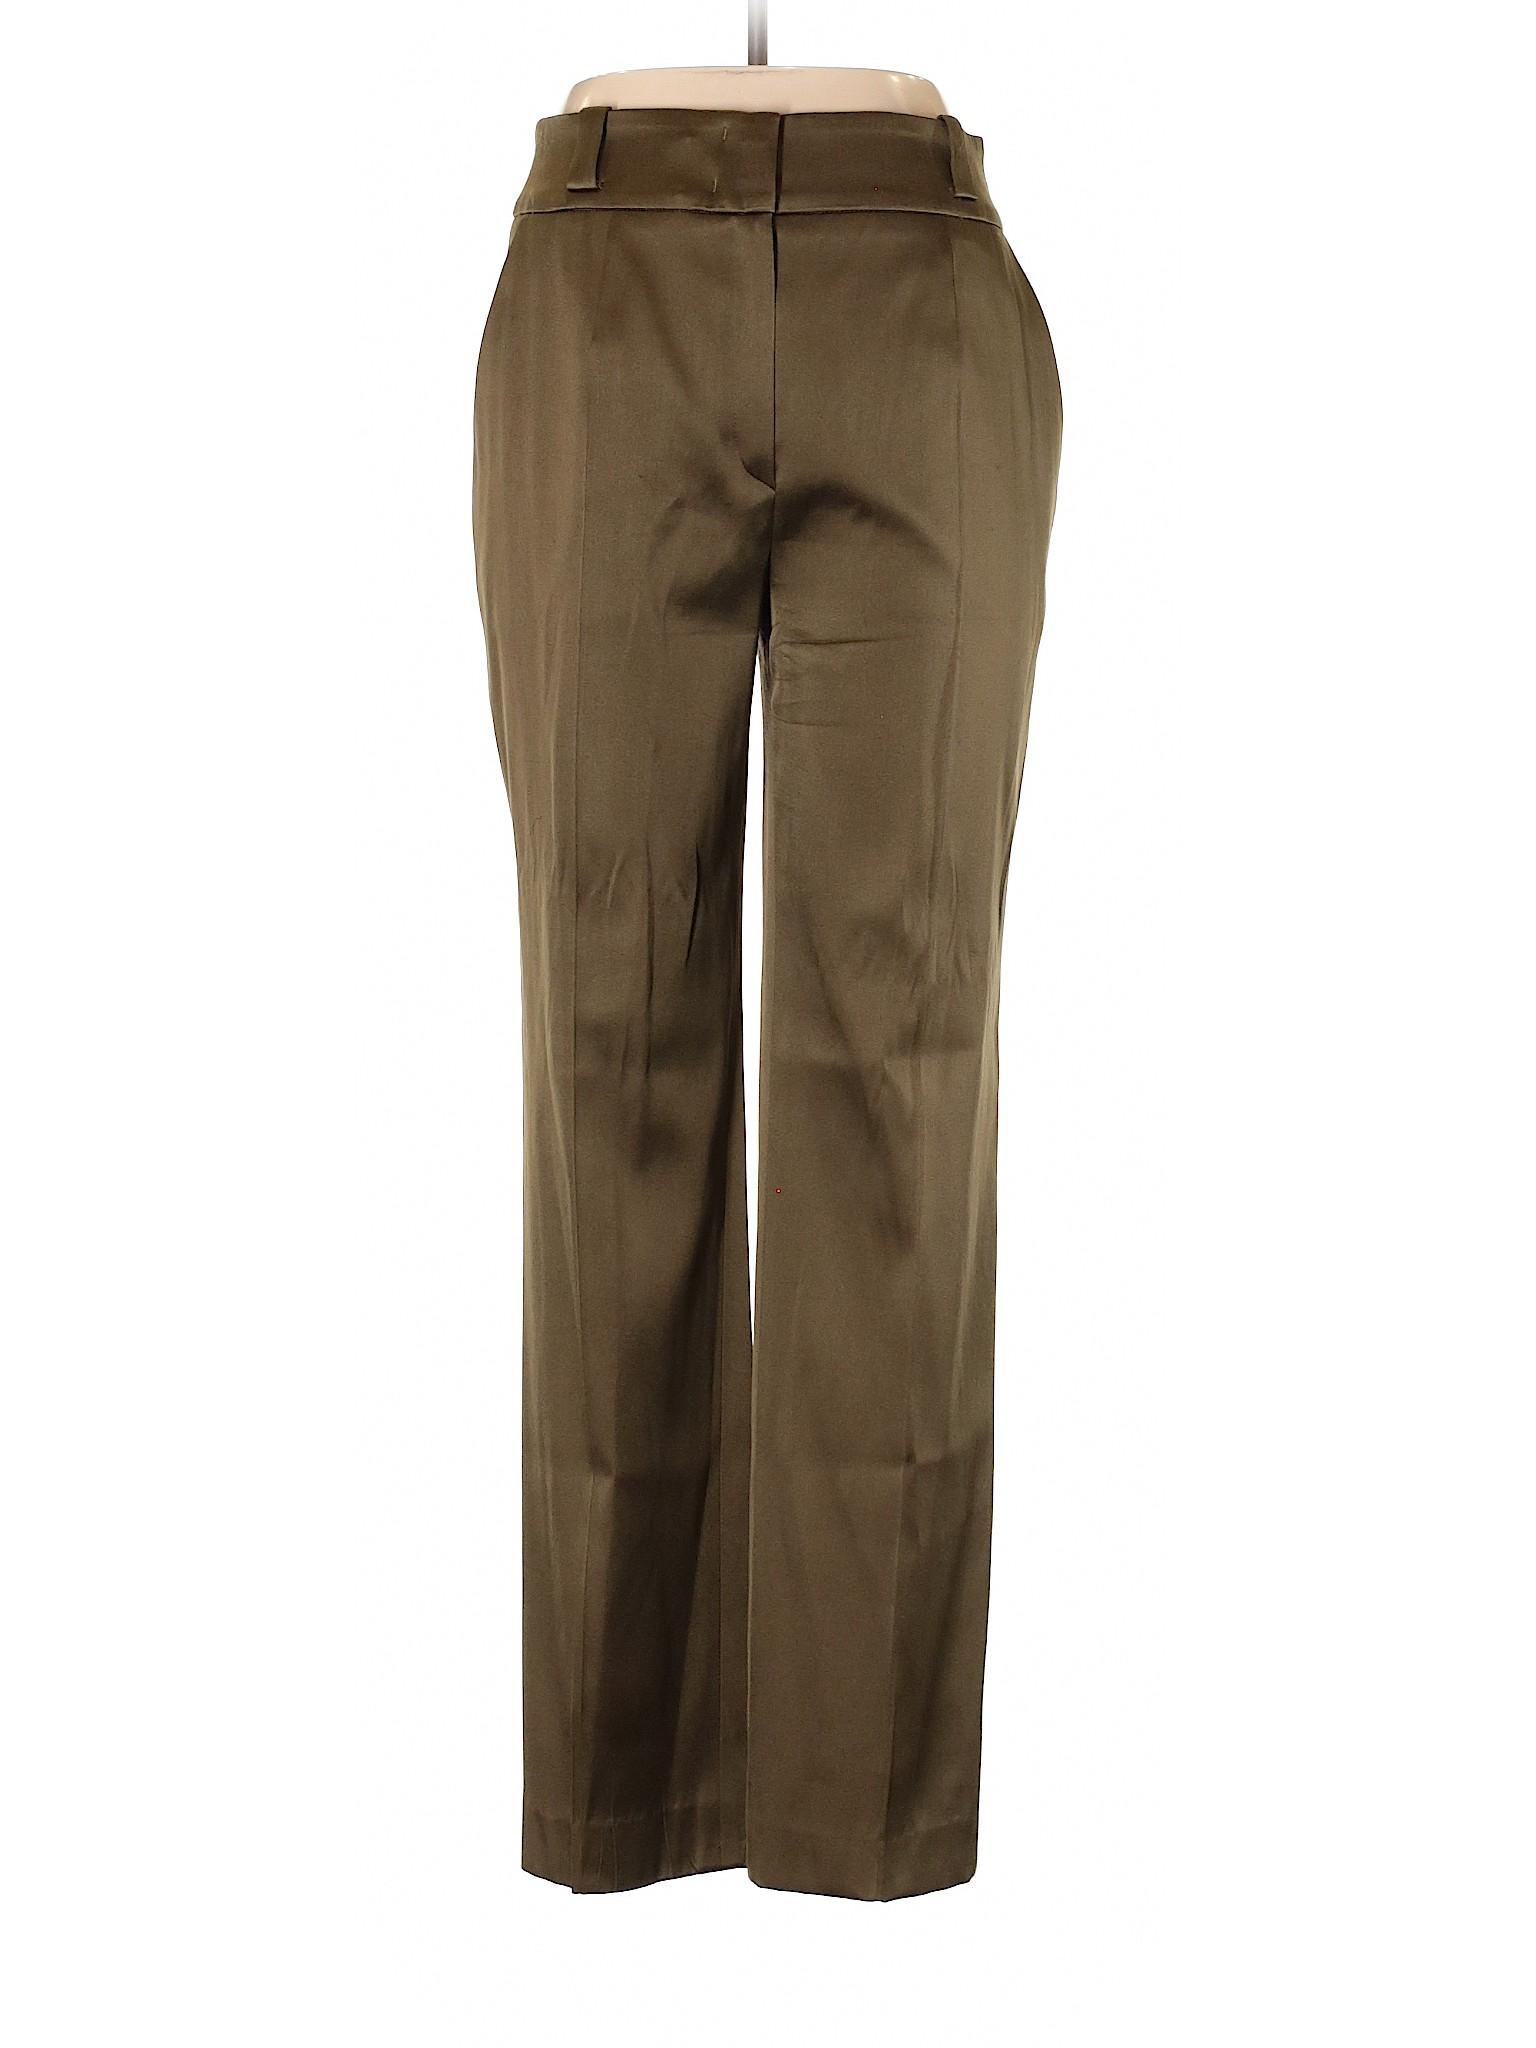 Escada Pants Pants Boutique Escada winter Silk winter Boutique Boutique winter Silk Escada dBPxqwqZ5